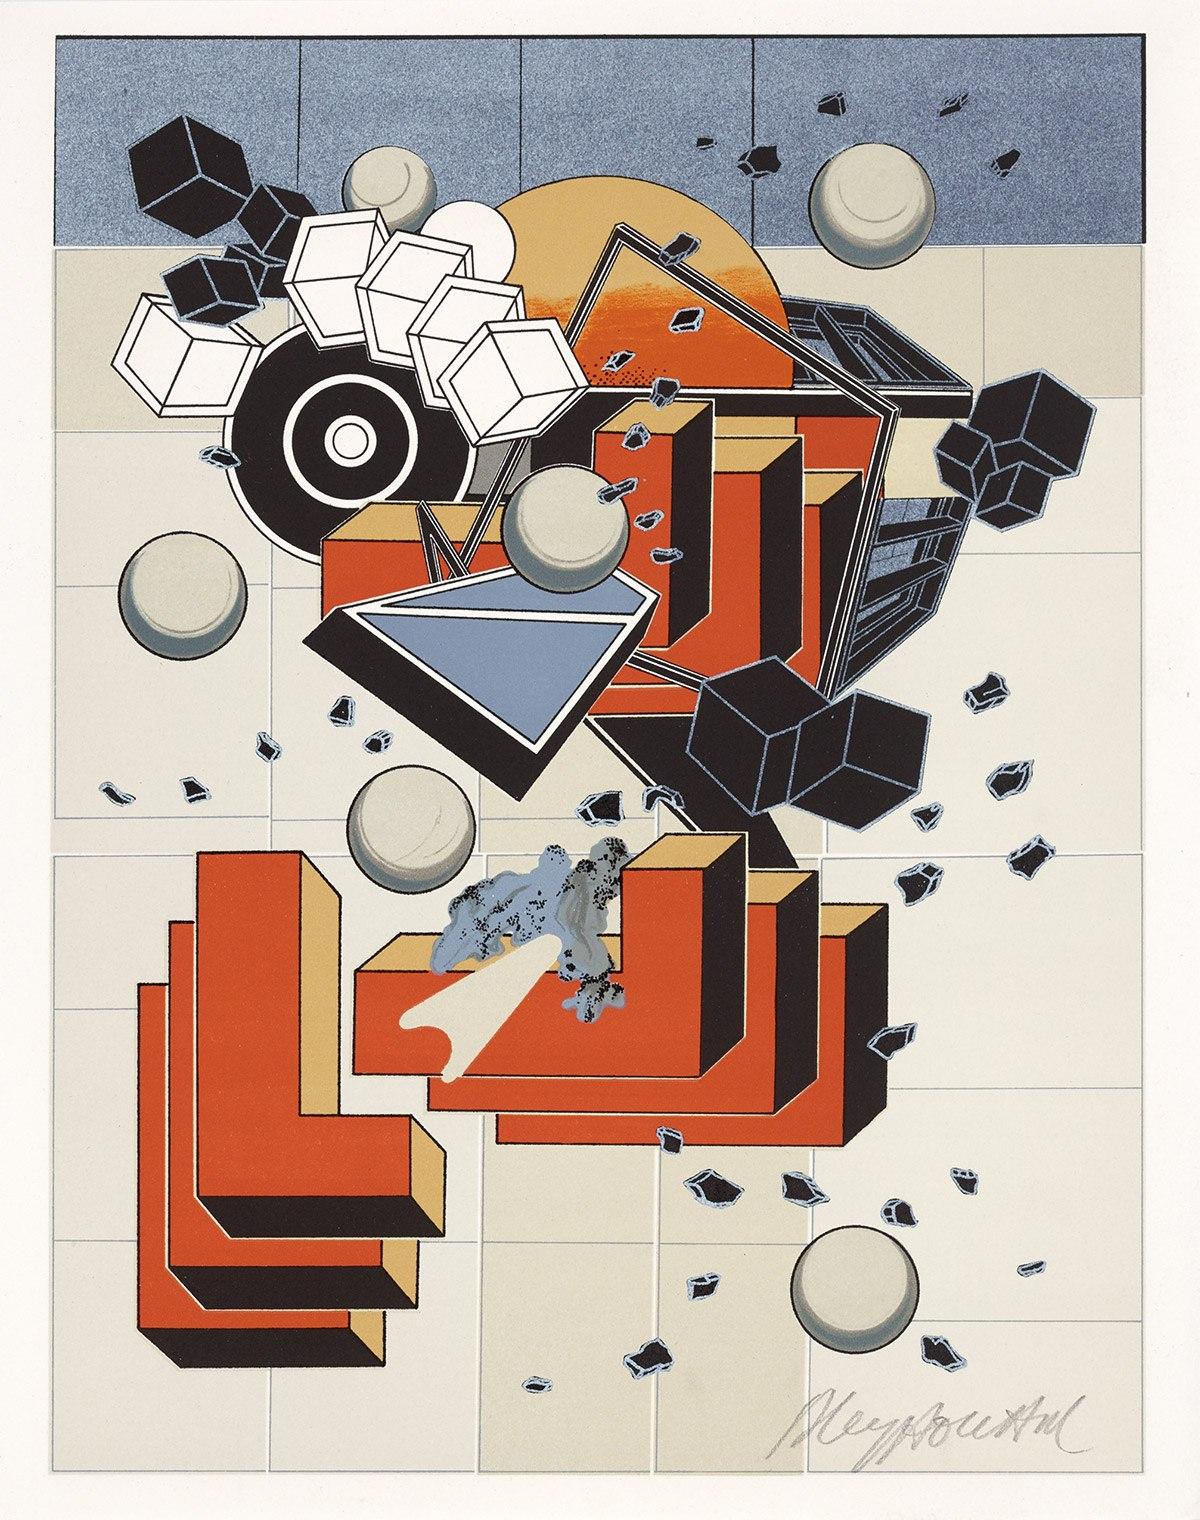 Sans-titre, lithographie tirée de Ouvrages, 1978. Photo: Allen Le Yaouanc